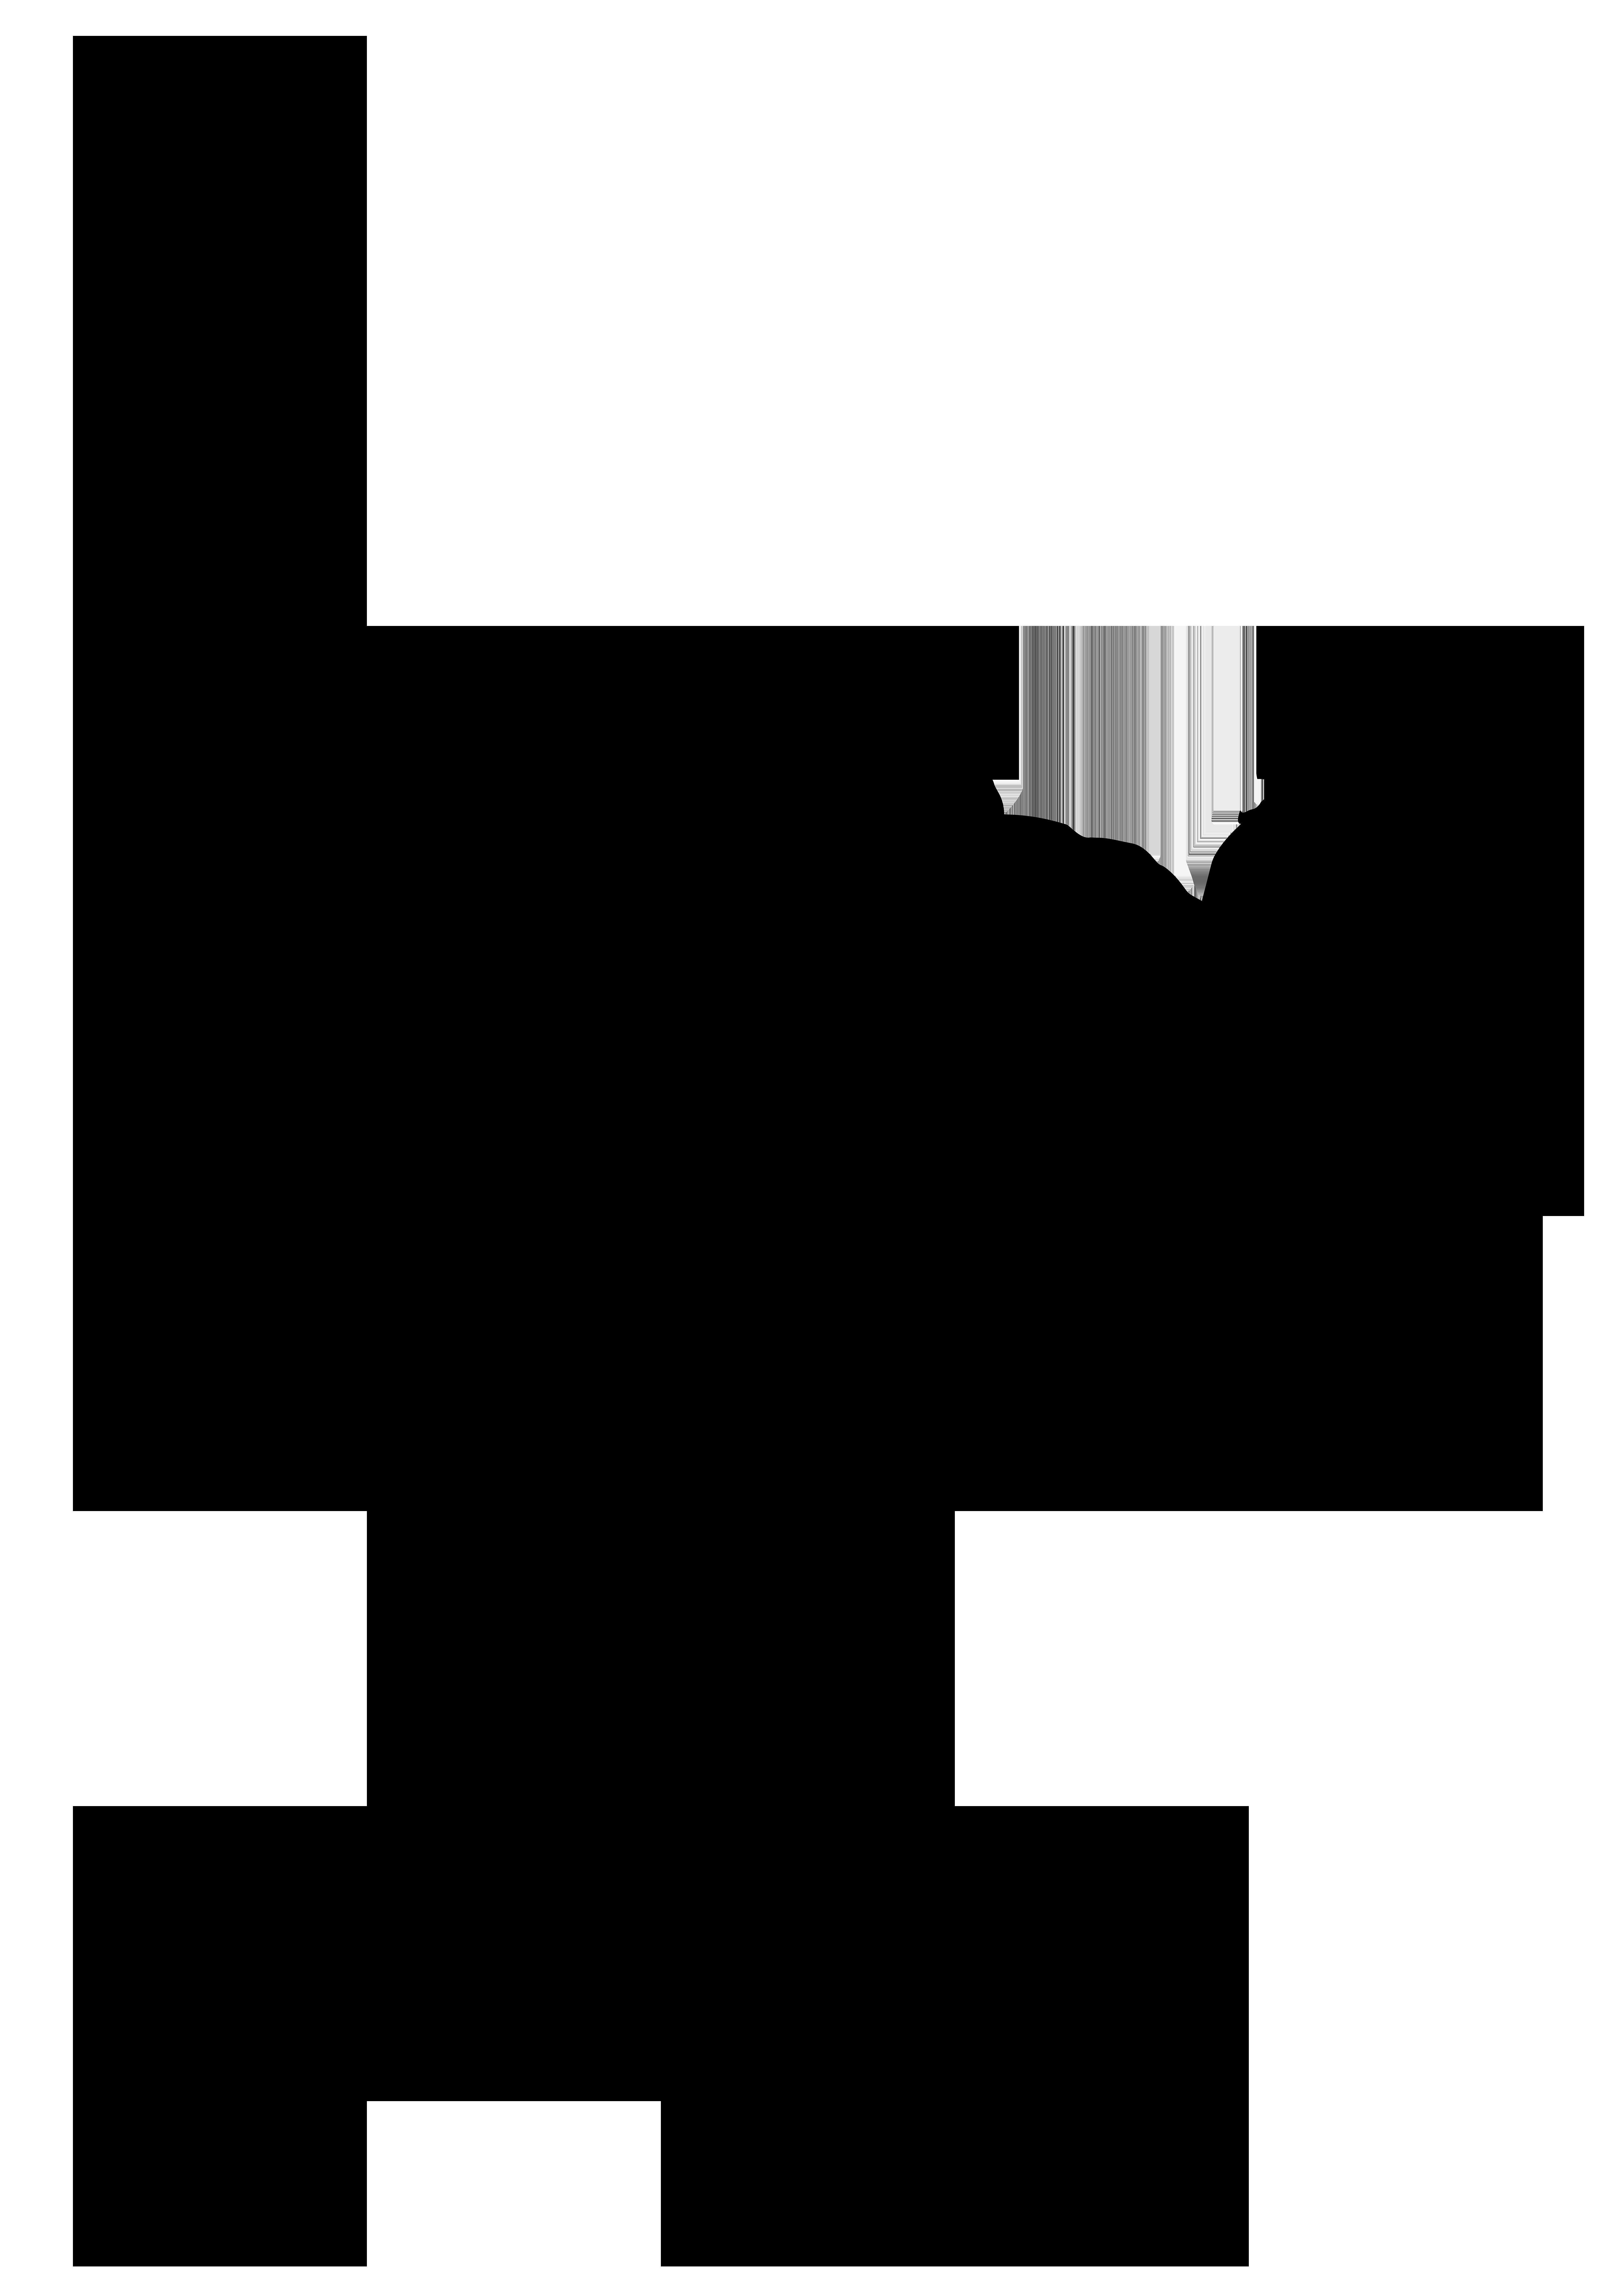 Ostrich clipart svg. Silhouette png transparent clip